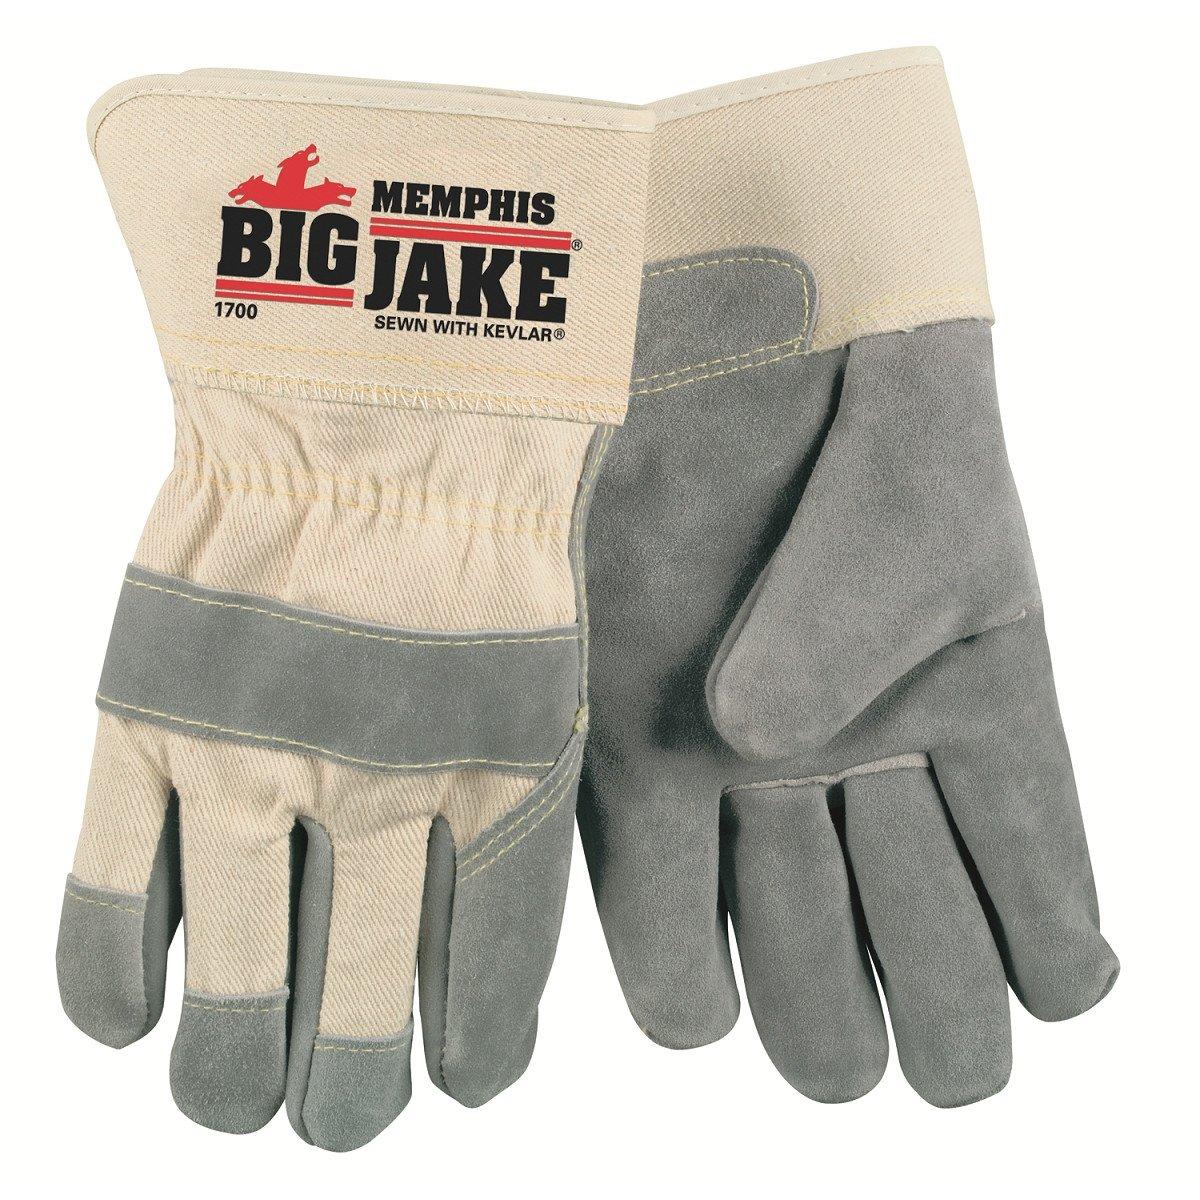 Big Jake® Premium Leather Palm Gloves, Size: Extra Large (1 Dozen)